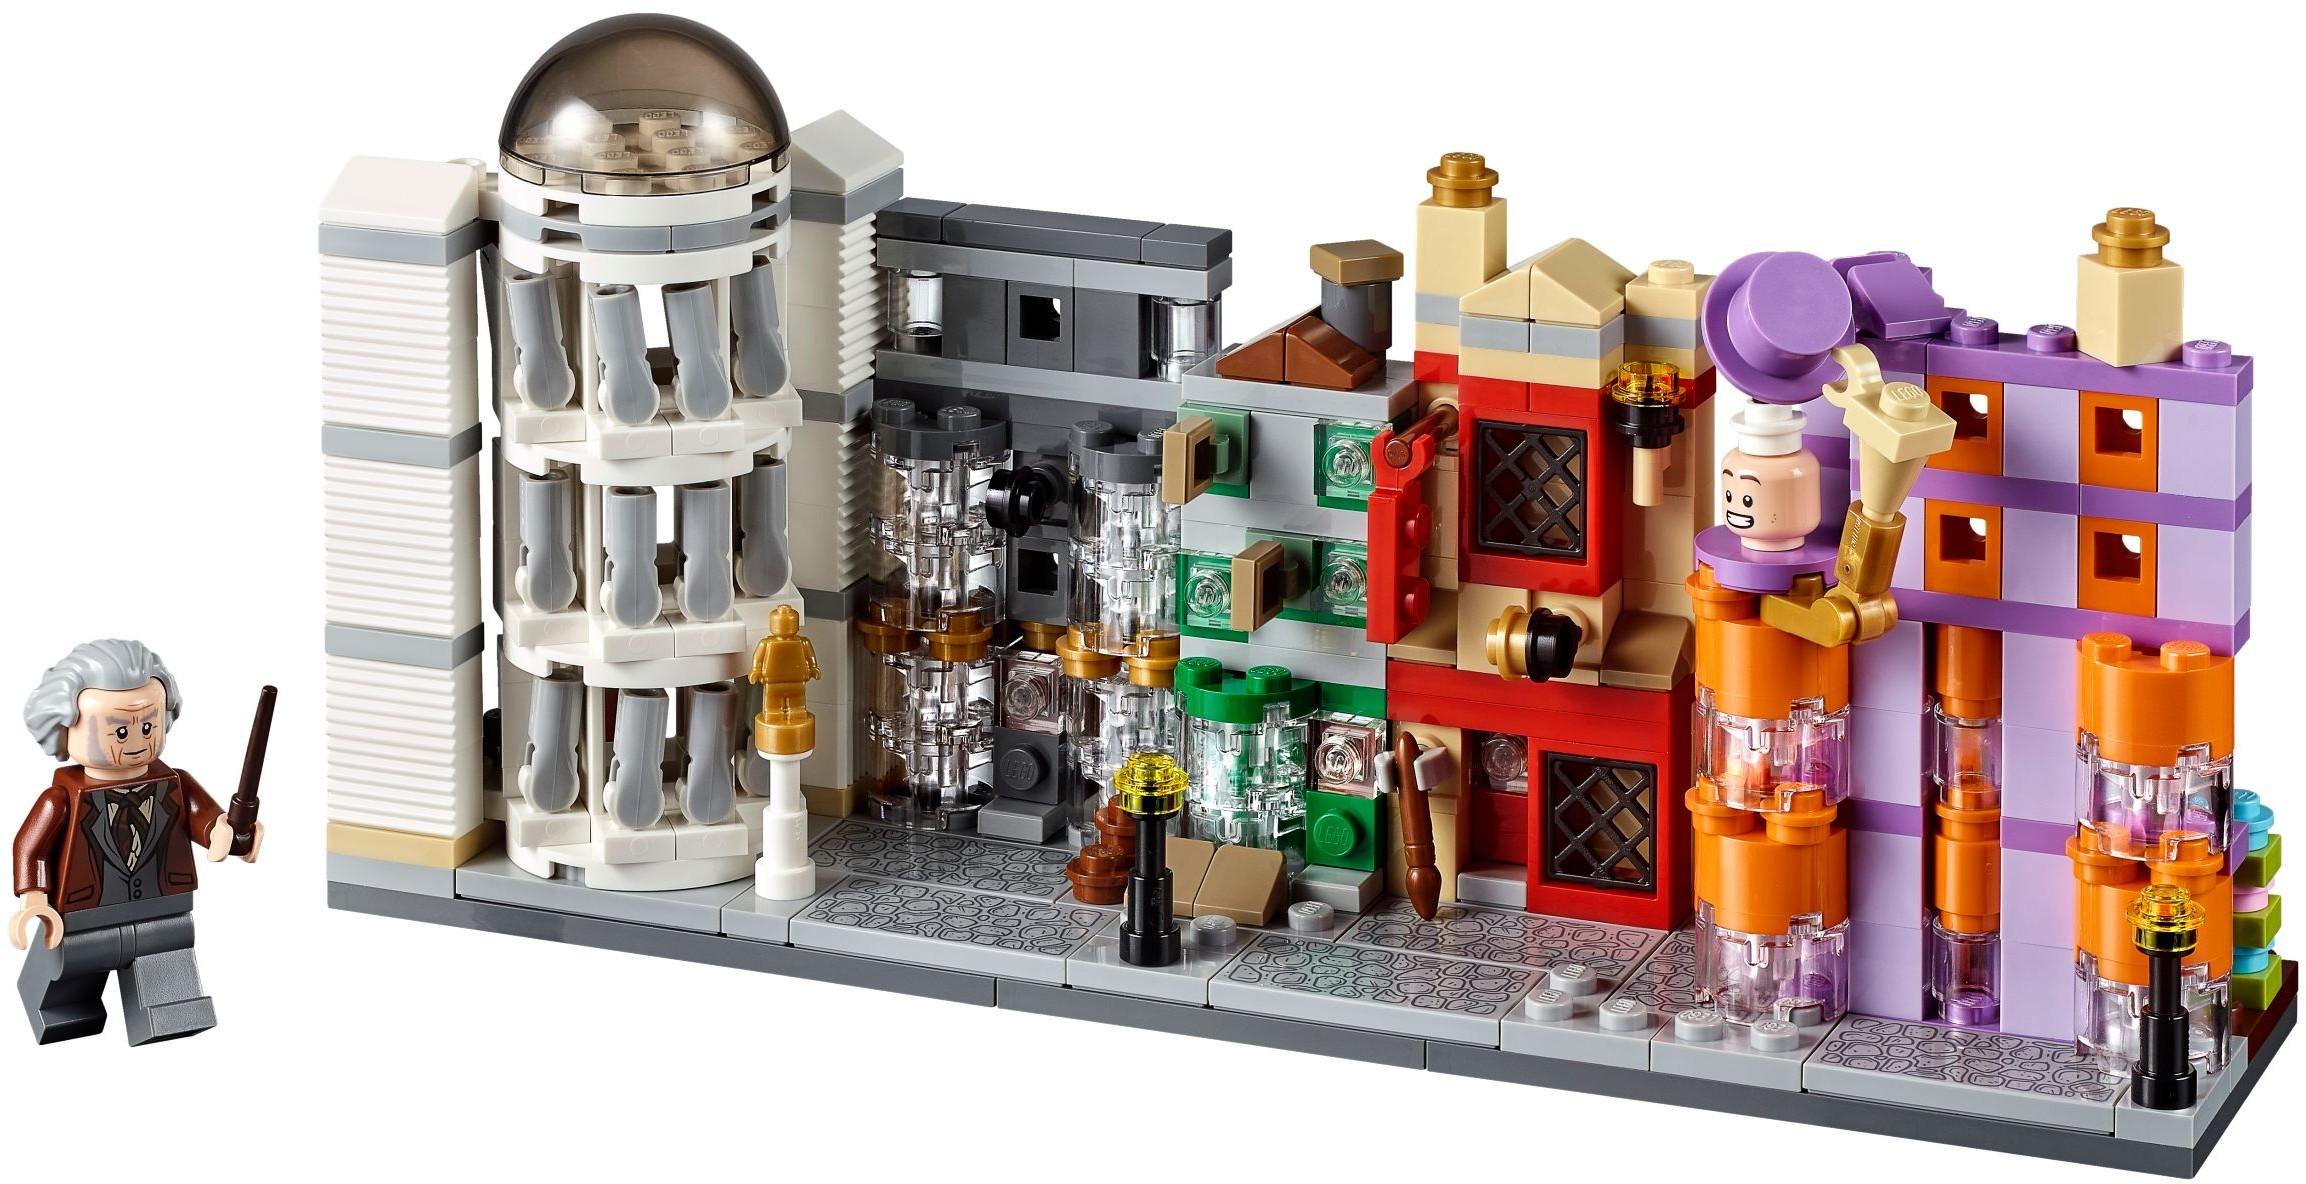 Lego Winkelgasse